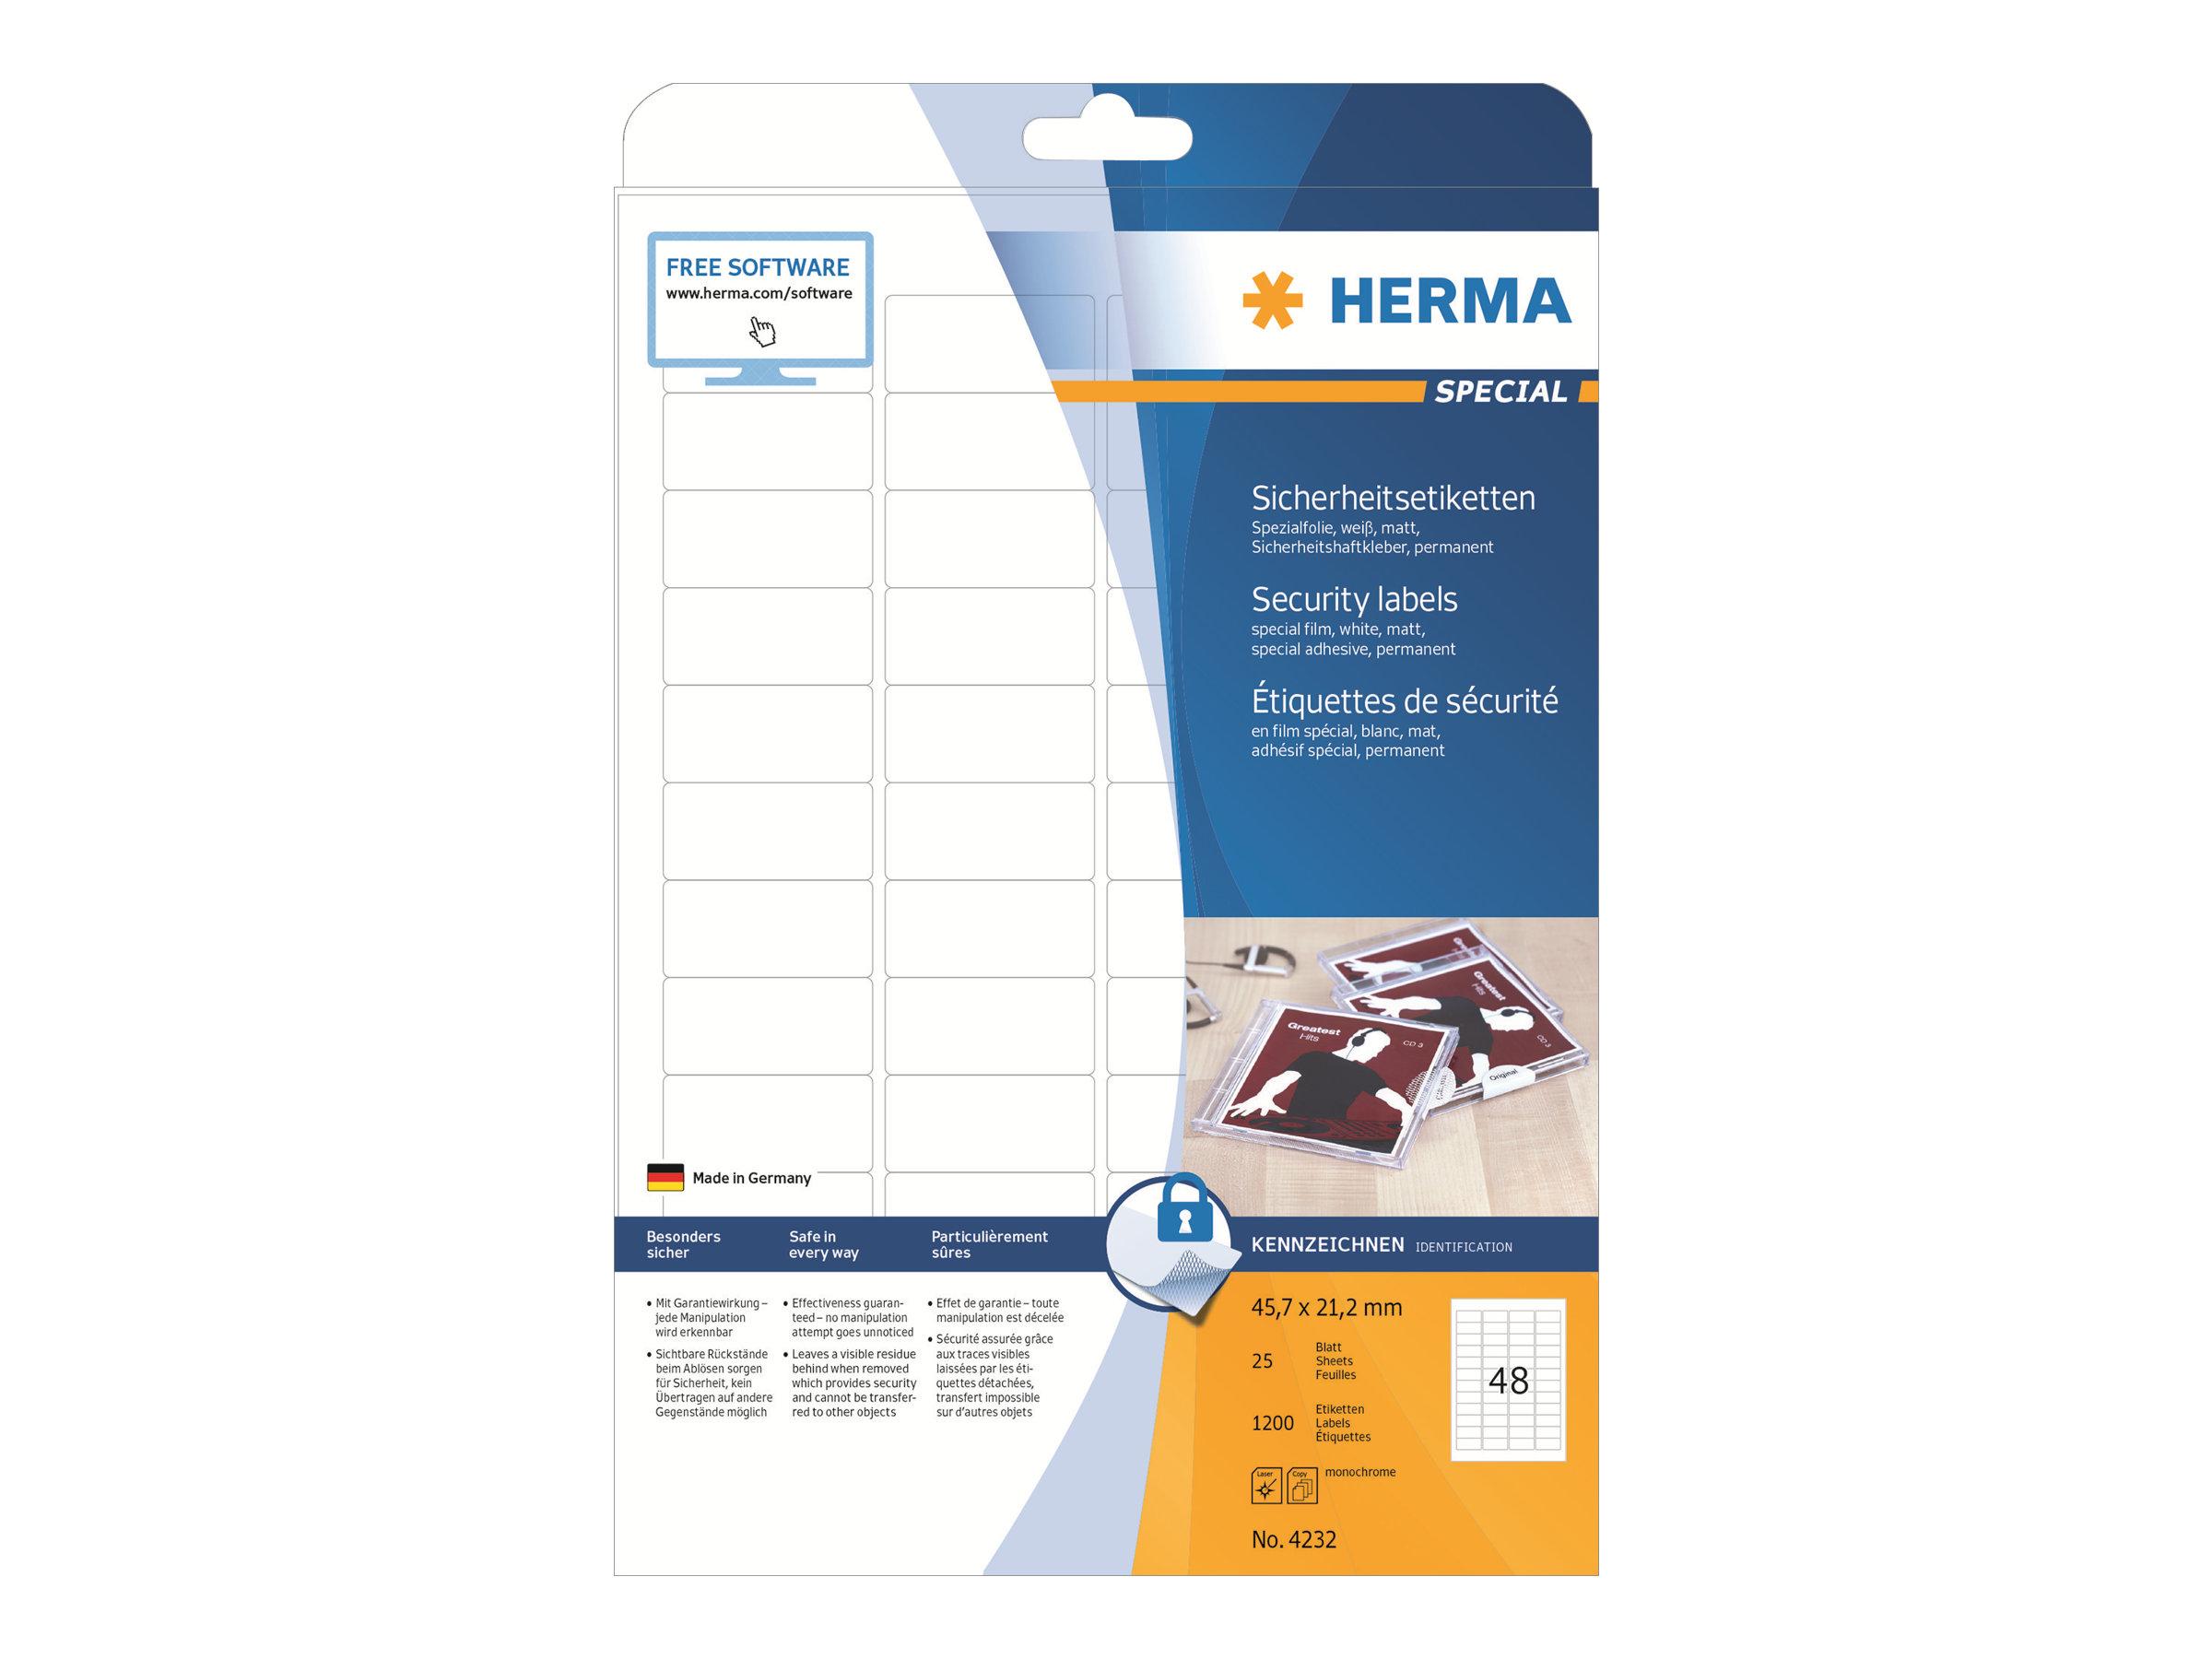 HERMA Special - Weiß - 45.7 x 21.2 mm 1200 Etikett(en) (25 Bogen x 48) selbstklebende, matte Etiketten aus Schutz-/Siegelfolie